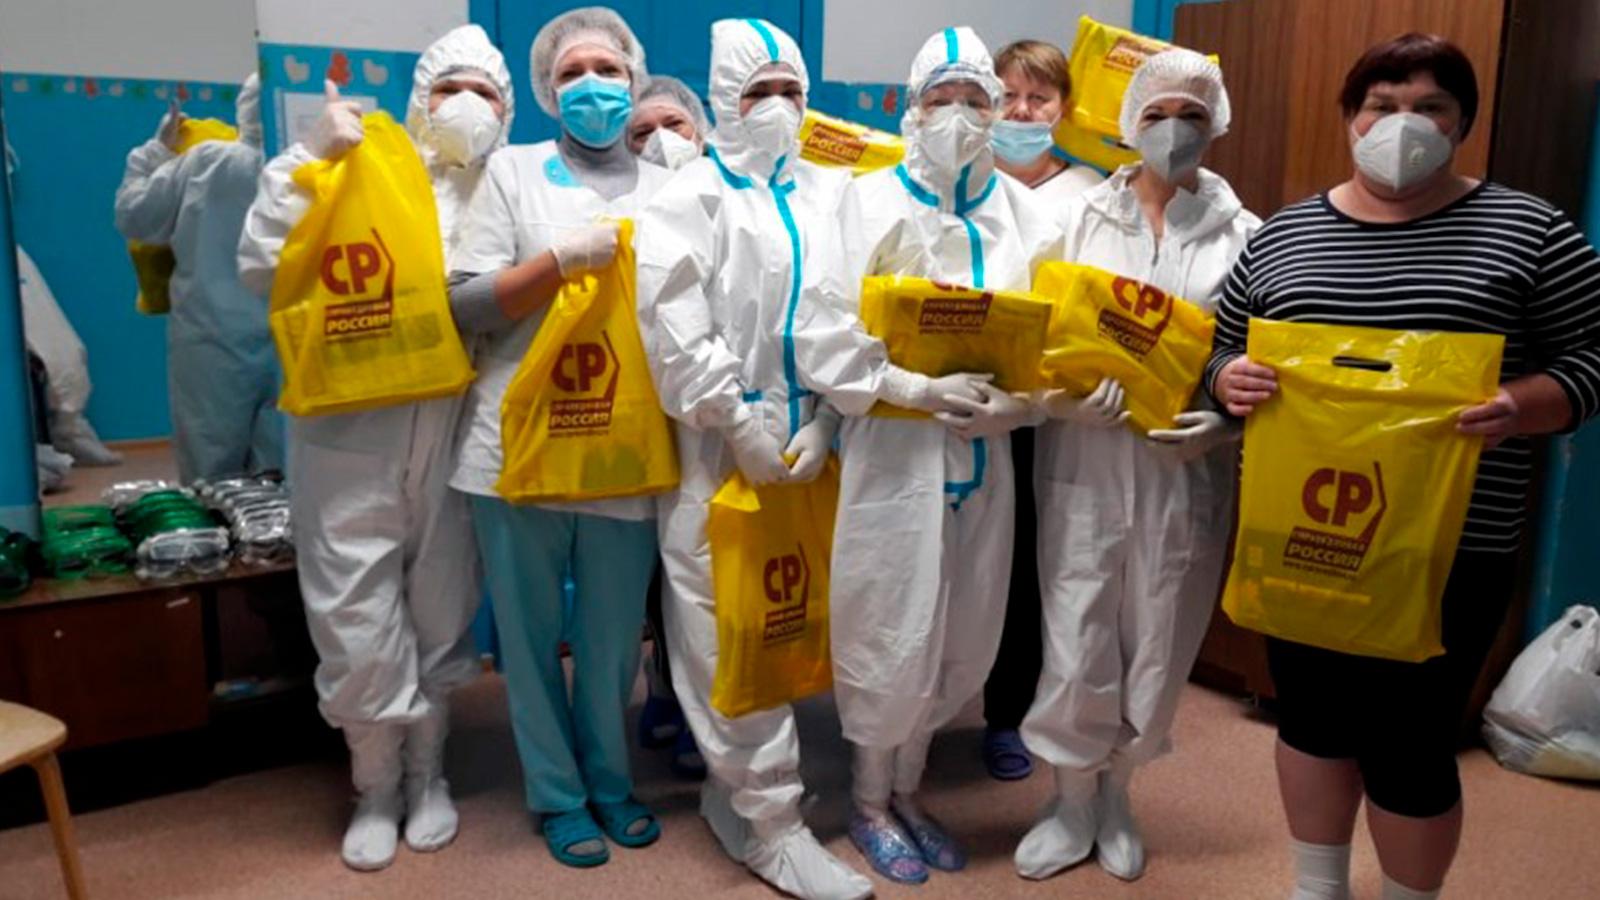 Алтайский край: стартовала акция СР по поздравлению медиков с Новым годом